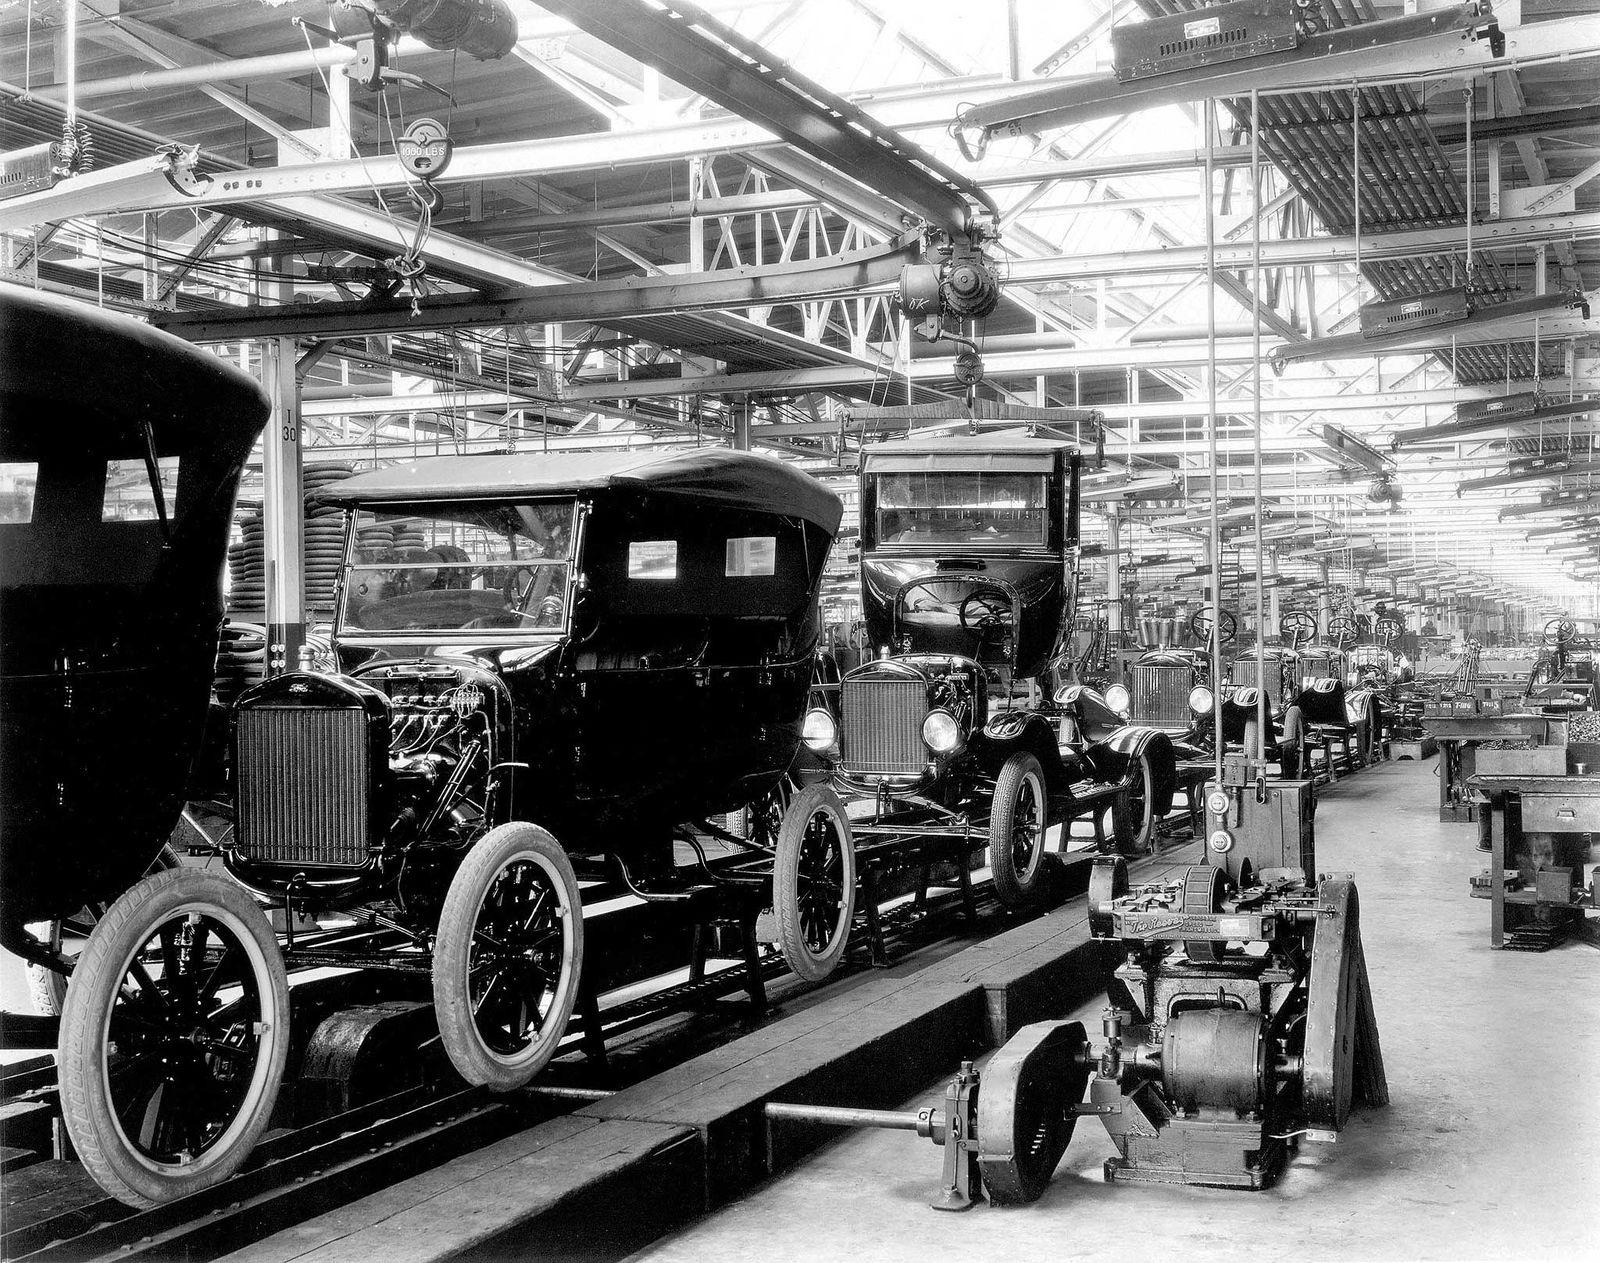 Fords T-Modell tok knekken på hest og vogn. Nå kan elbilene gjøre det samme mot de fossile-bilene. Her bilde av T-Fords nummer 10 millioner fra samlebåndet den 4. juni 1927.Foto: AFP/For Motor Company